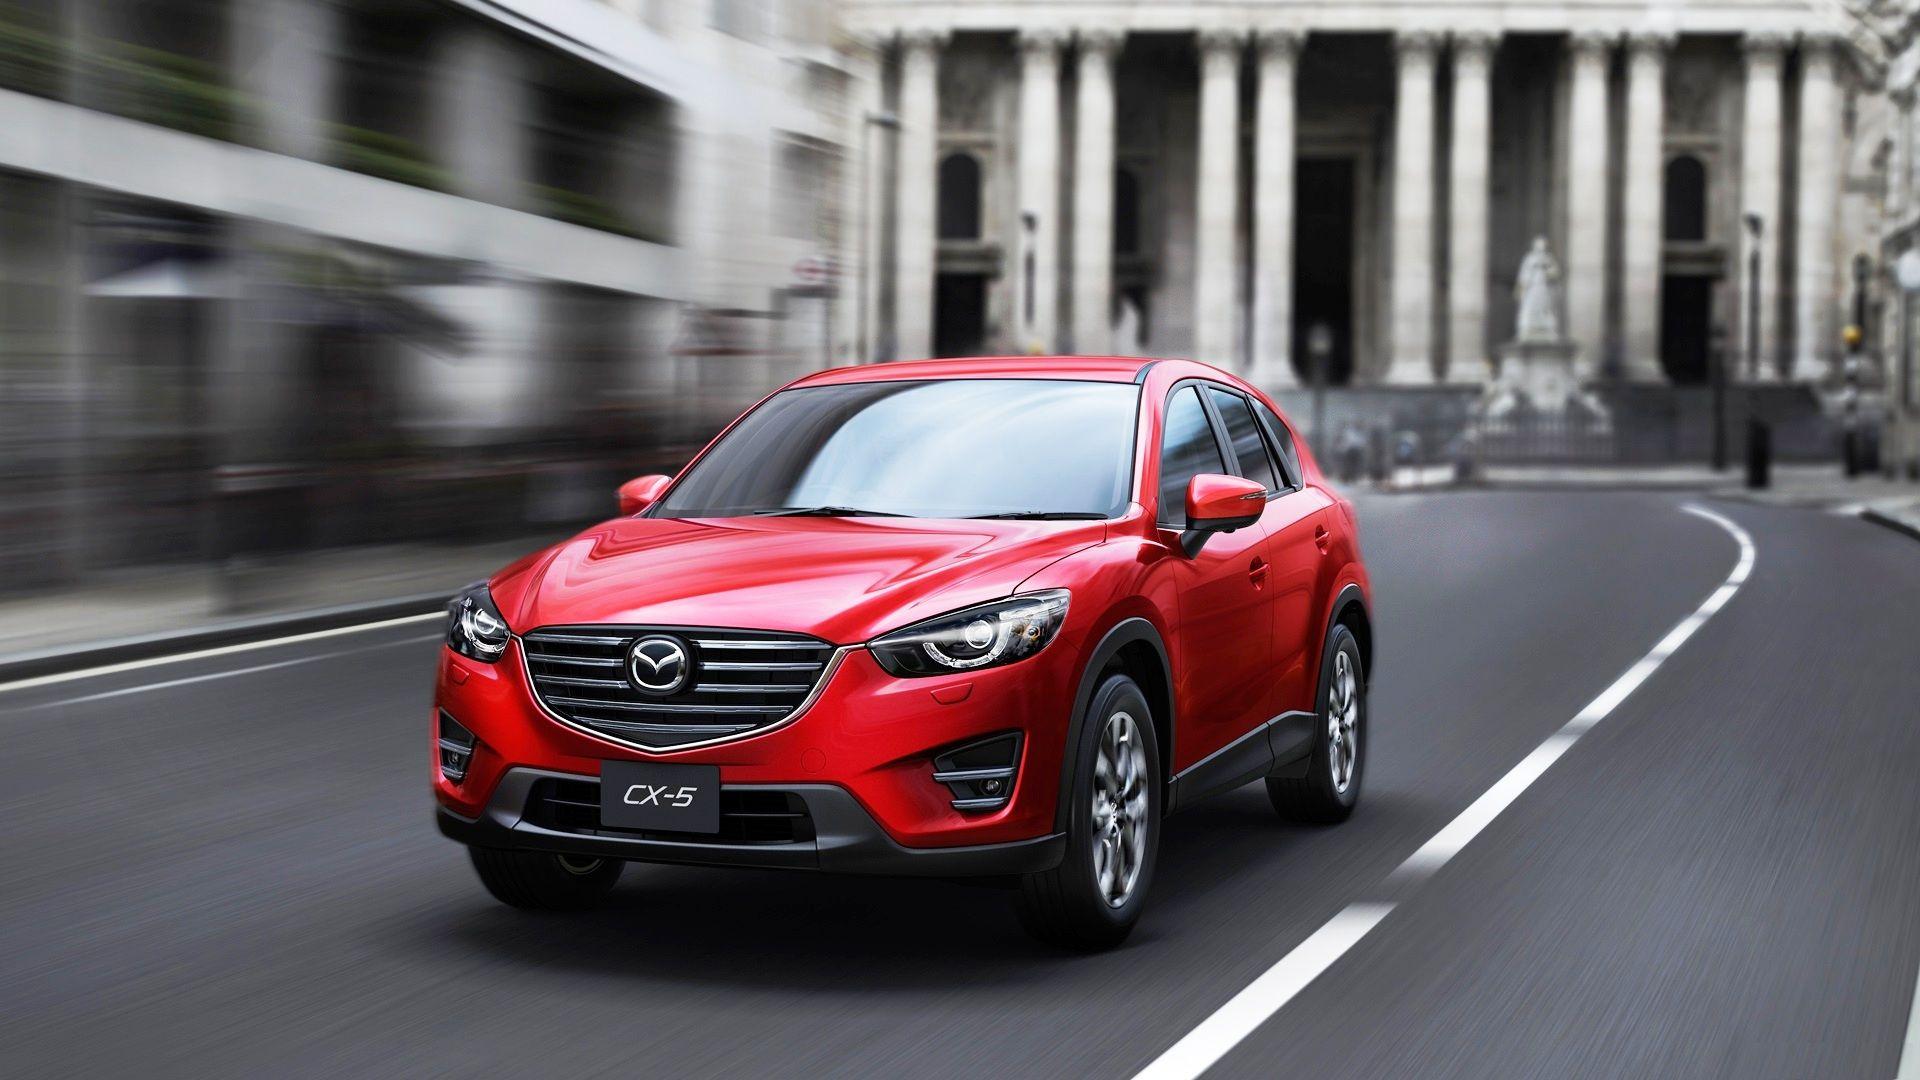 2016 Mazda Cx 5 Red Car Hd Wallpaper Mazda Cars Suv Prices Mazda